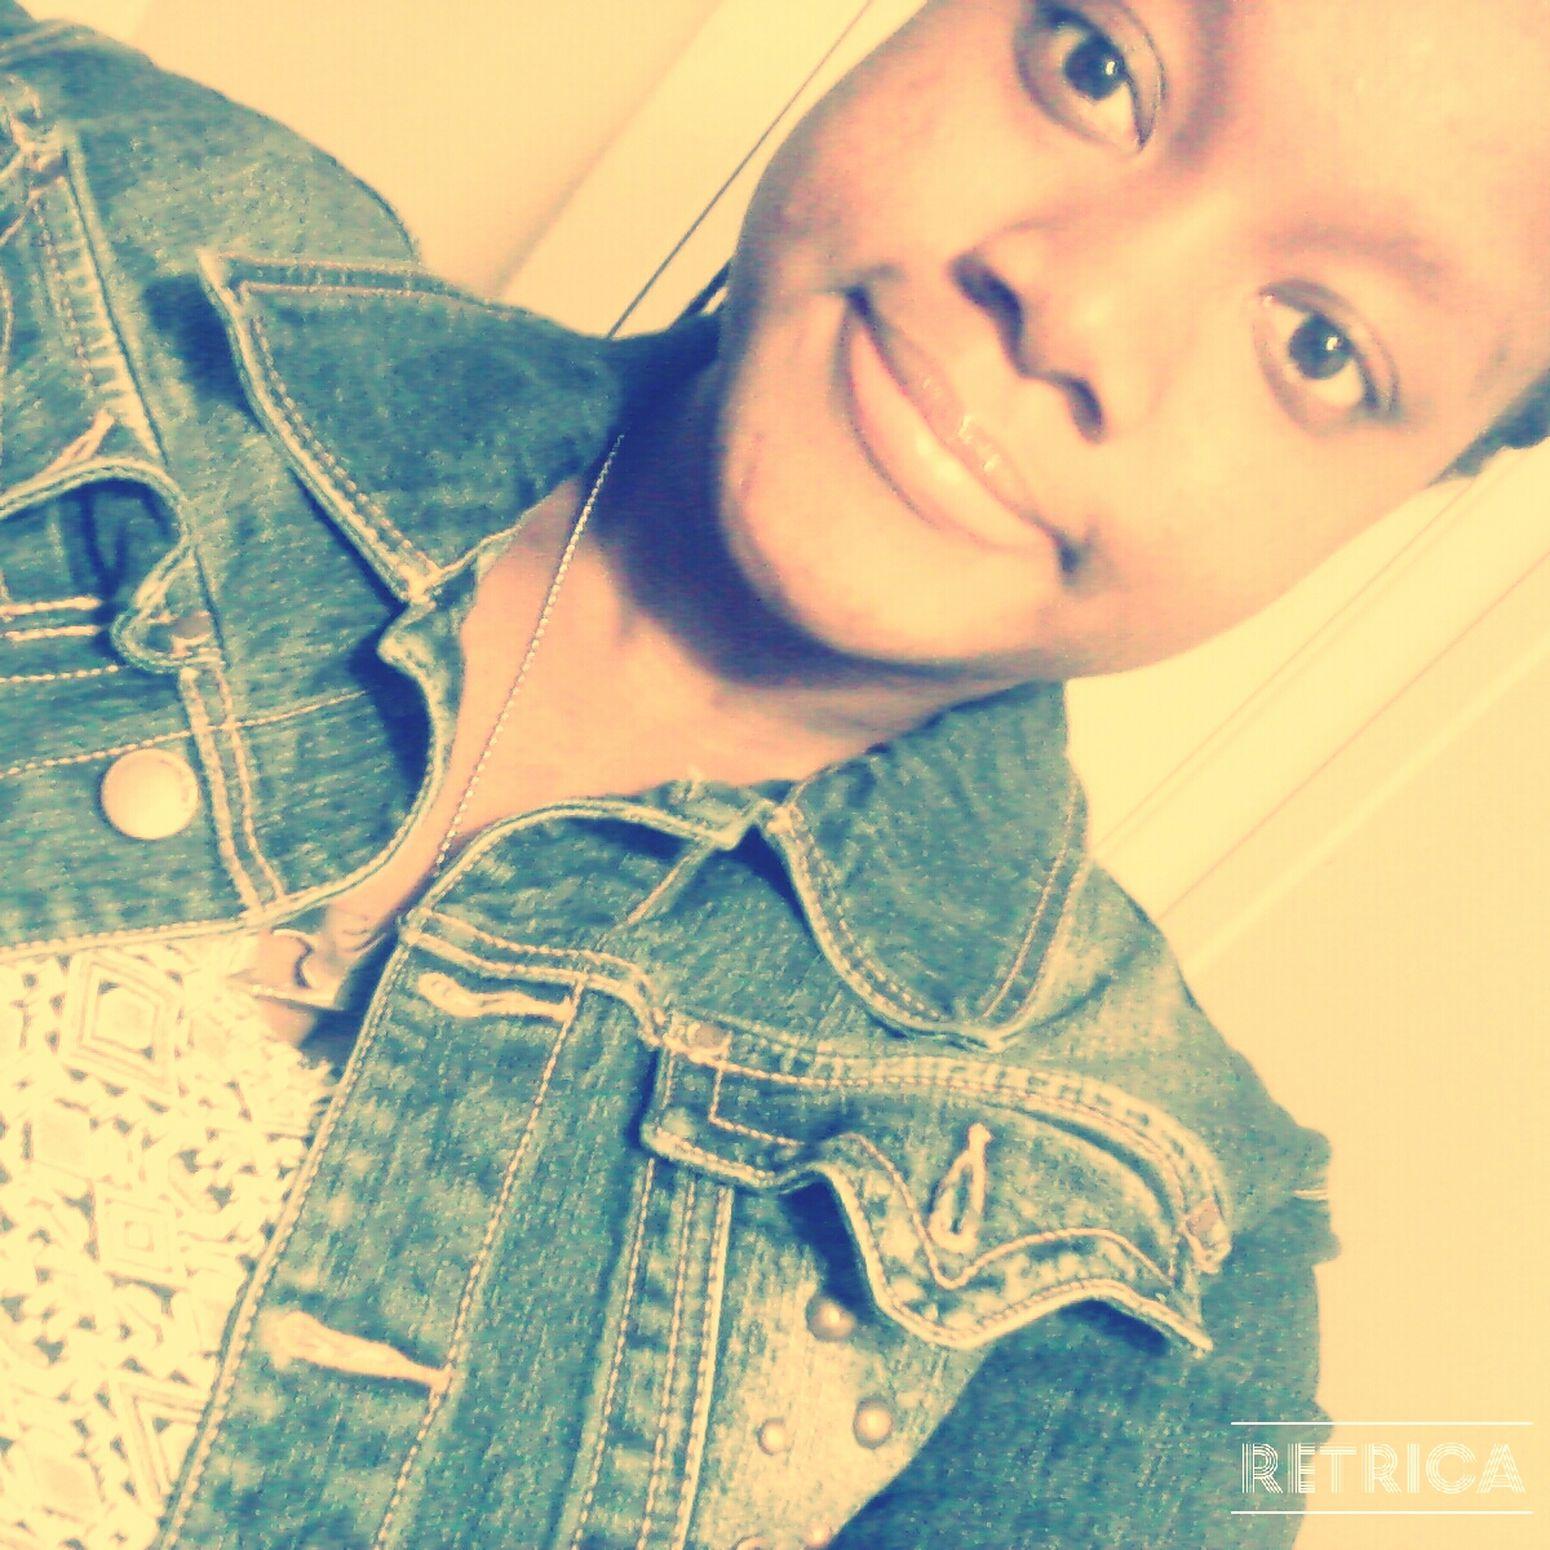 I be cute. Rawrrr!!